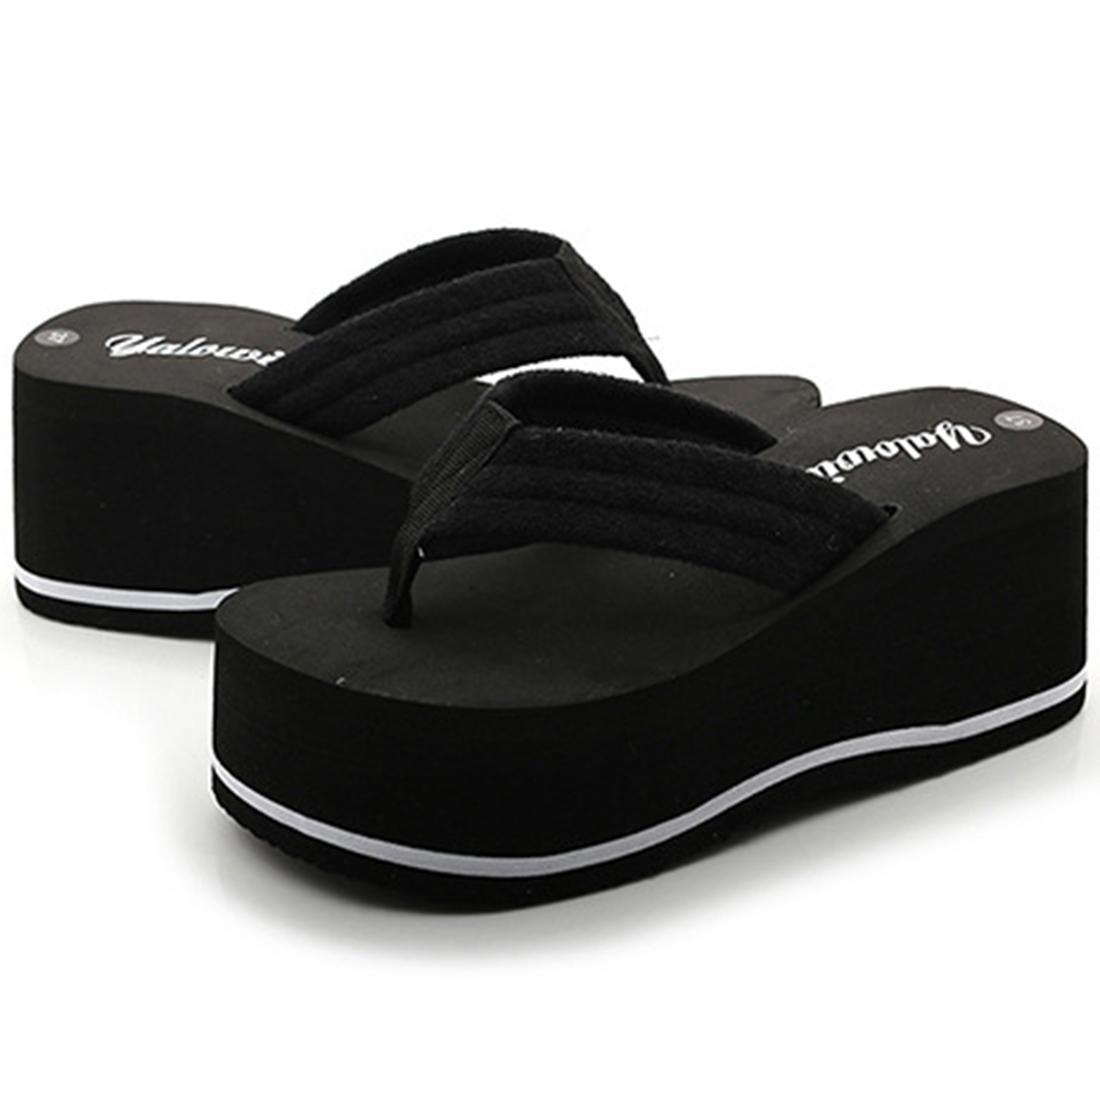 Женская мода EVA Повседневная скольжению на сандалии Клин Симпатичные летние ботинки платформы Каблуки Thong Шлепанцы Solid Color Y200405